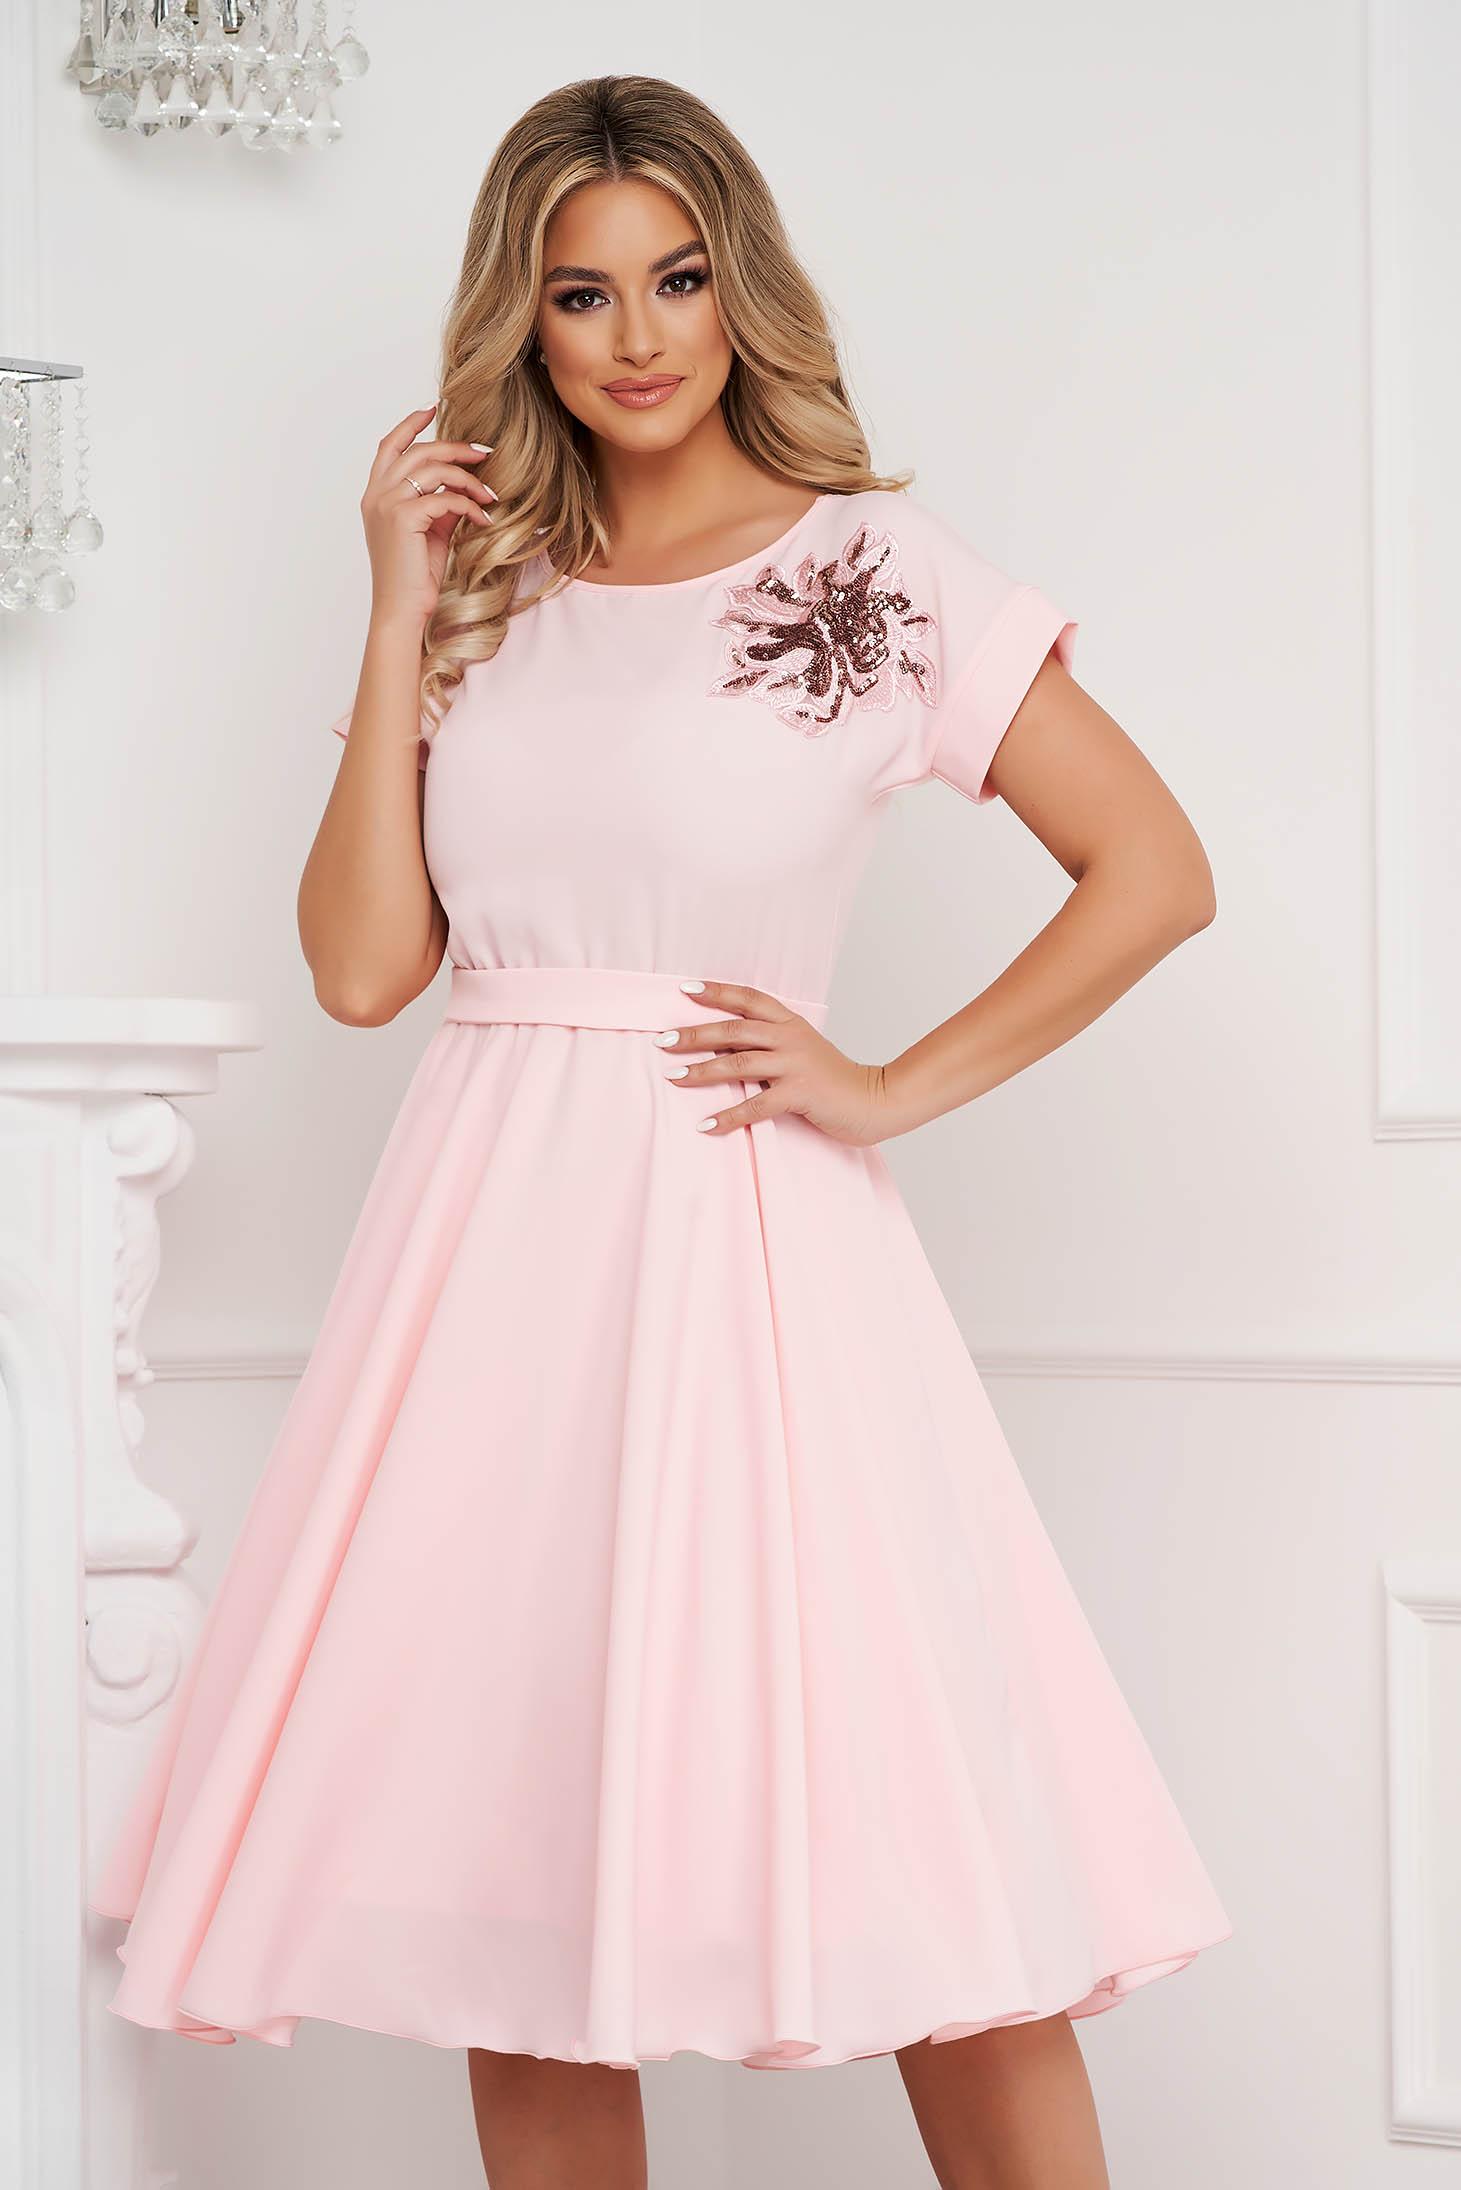 Rochie StarShinerS roz deschis midi de ocazie clos cu elastic in talie si broderie creata in atelierele proprii